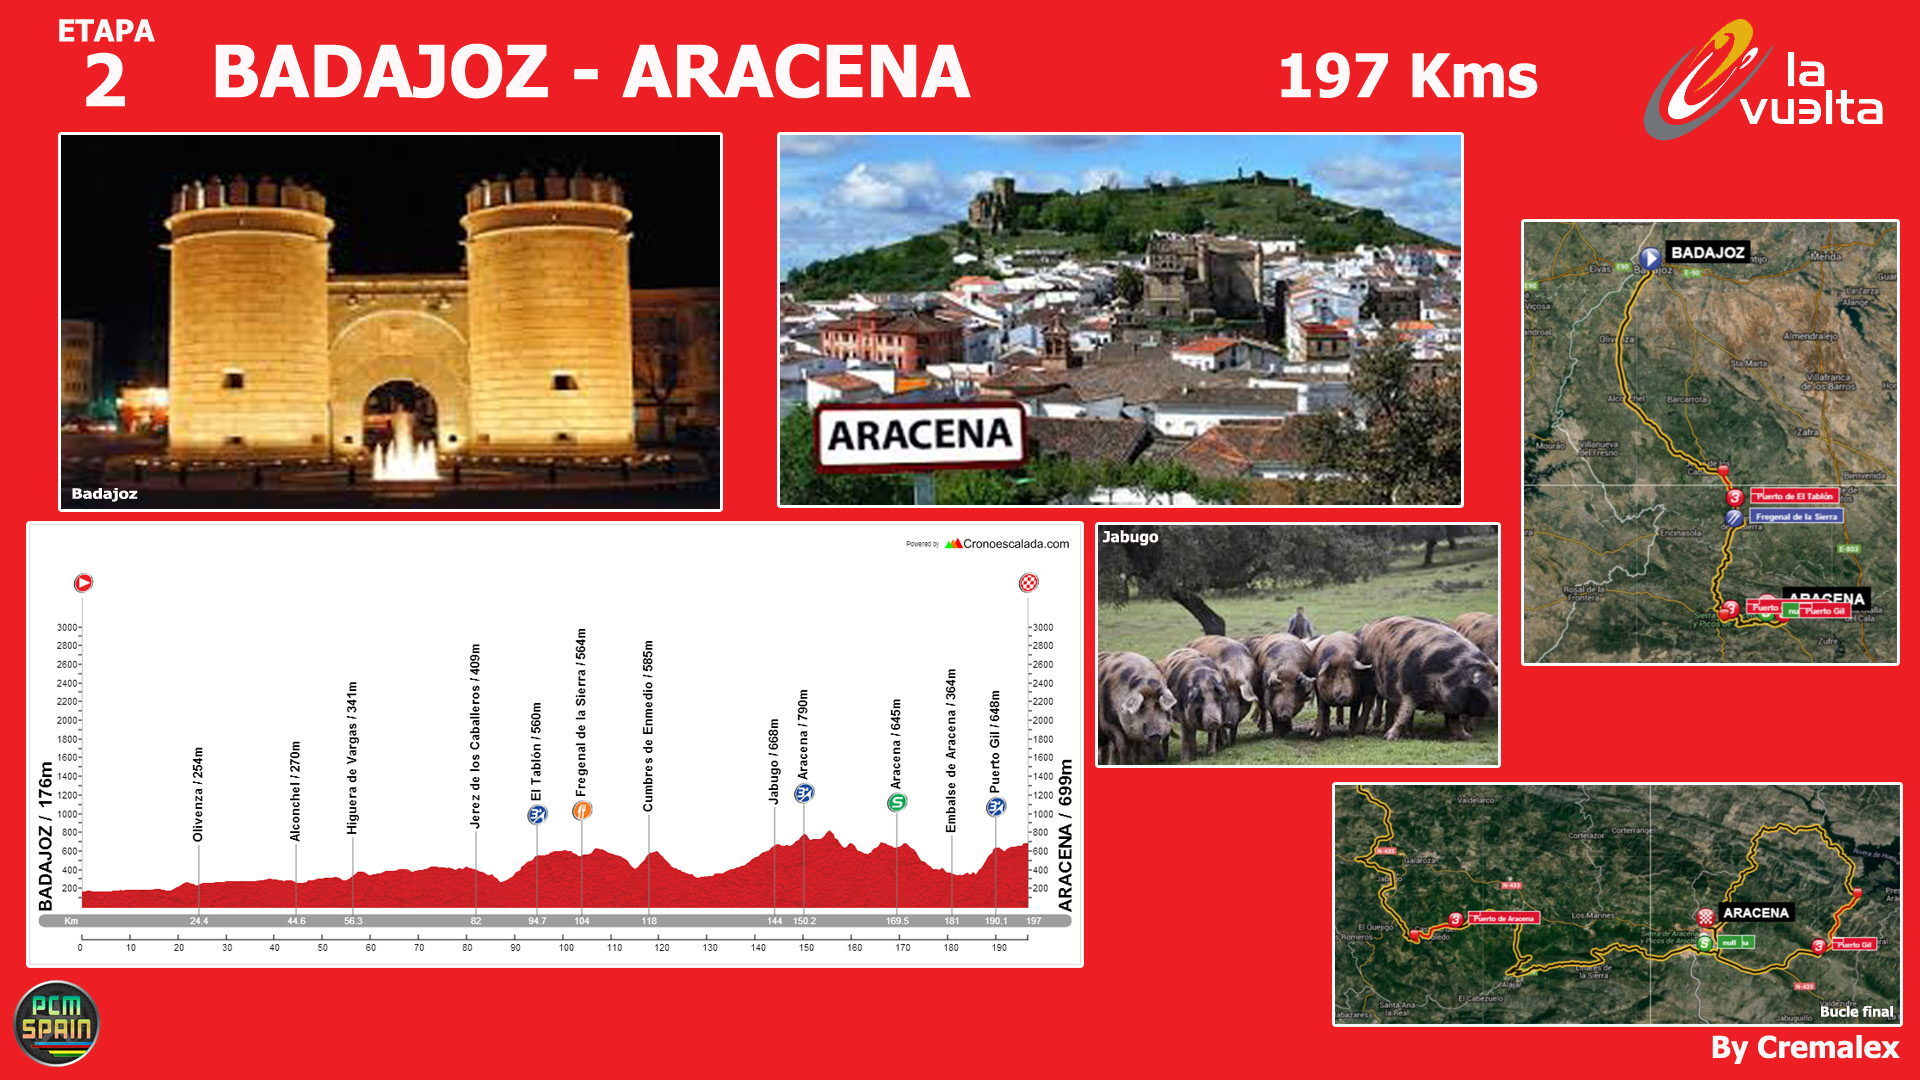 Concurso Vuelta a España 2015 - Página 6 443790Etapas02